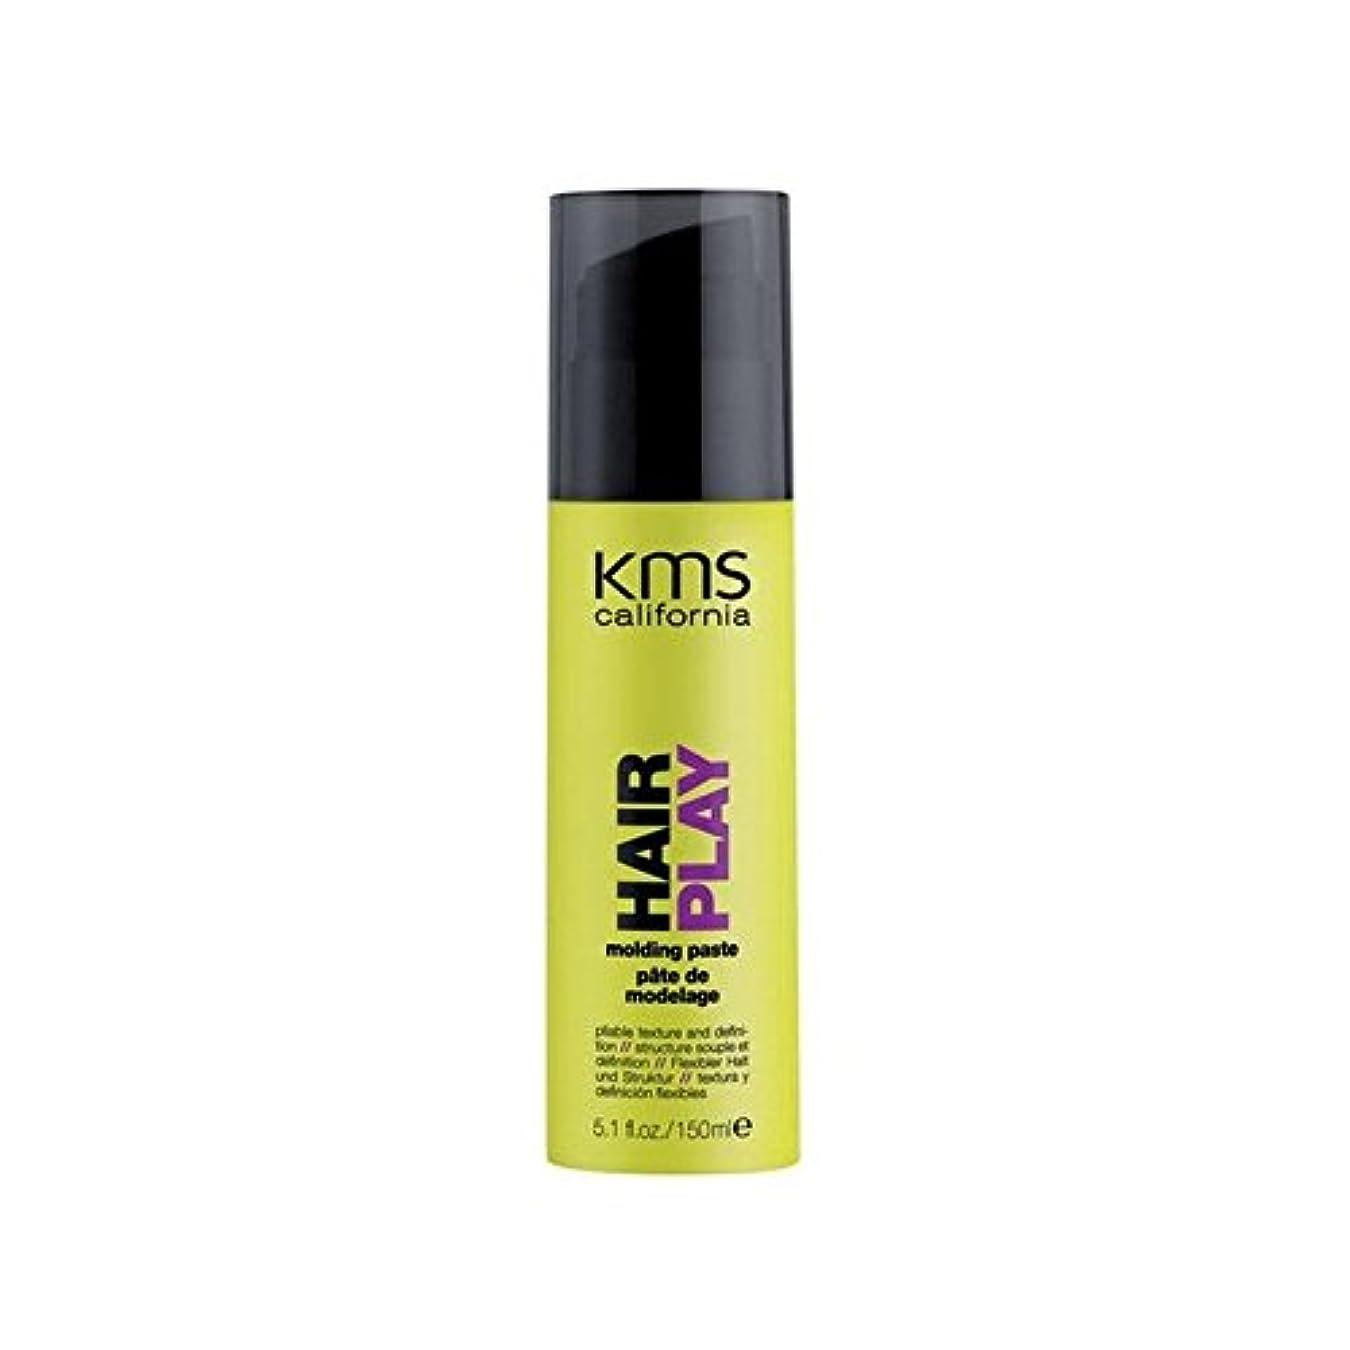 演じる自信がある矛盾カリフォルニア成形ペースト(150ミリリットル) x2 - Kms California Hairplay Molding Paste (150ml) (Pack of 2) [並行輸入品]